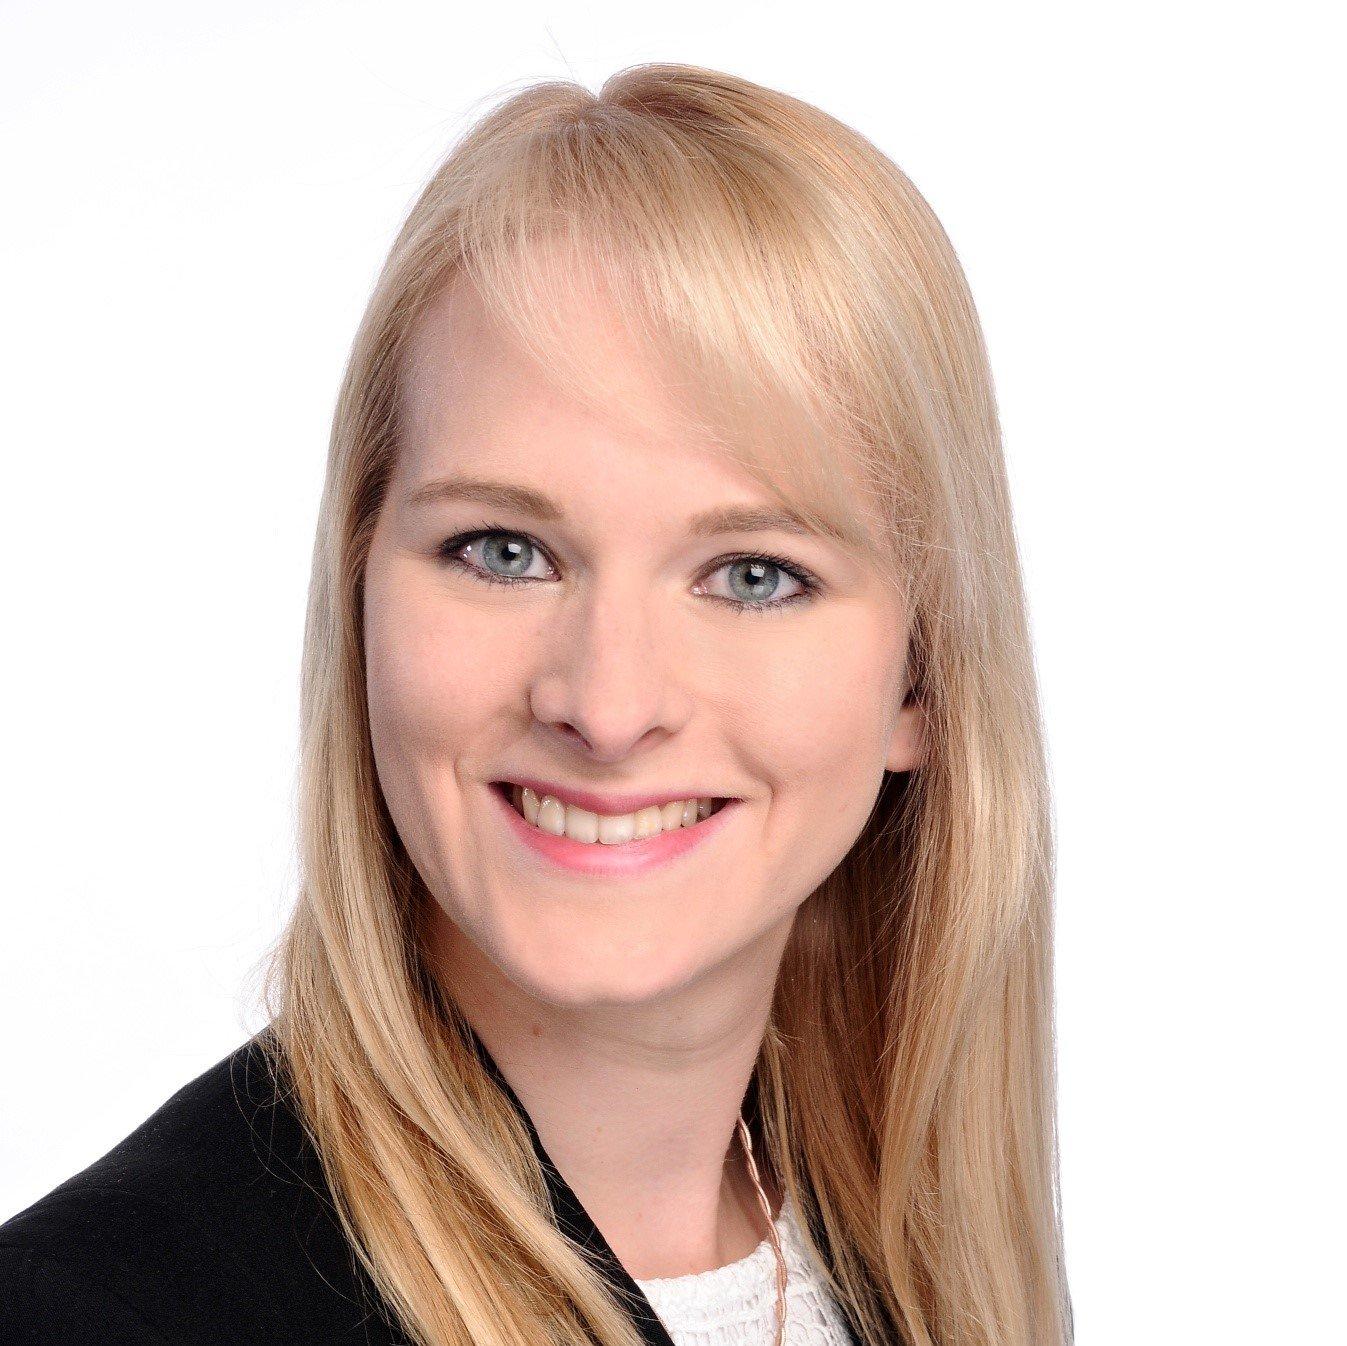 Anja Kristina Kamping